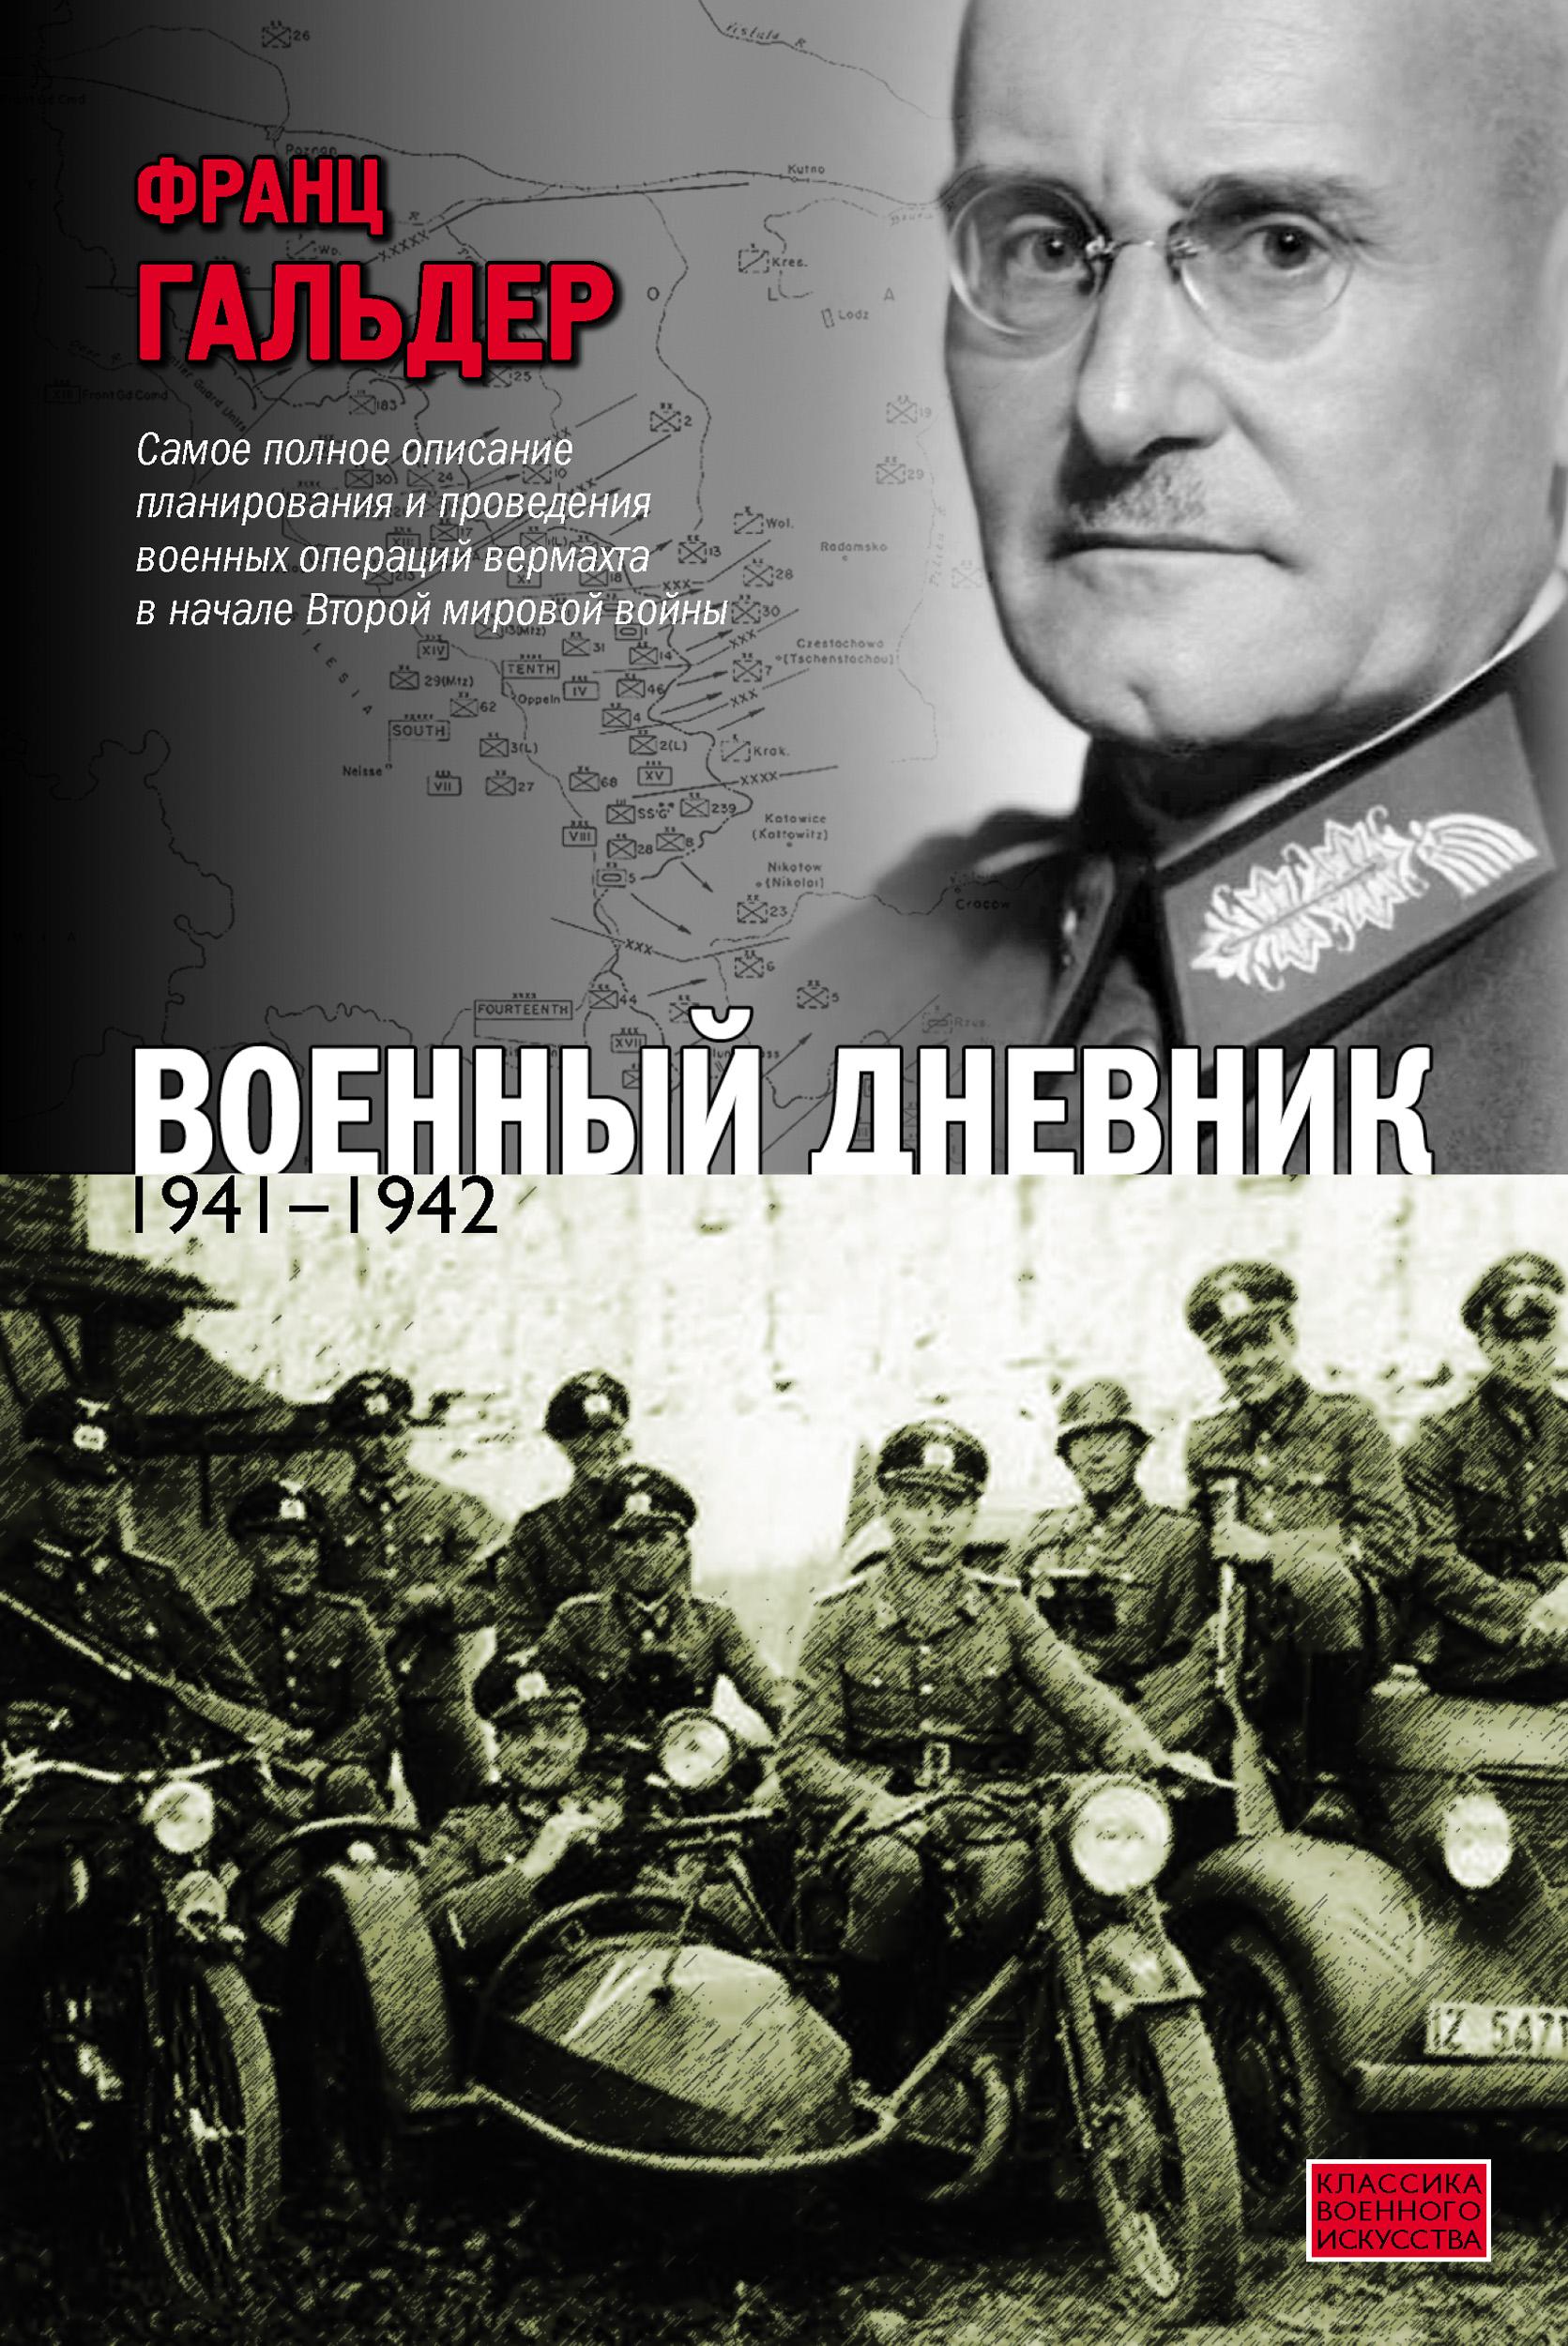 Франц Гальдер Военный дневник. 1941–1942 мосунов в битва в тупике погостье 1941 1942